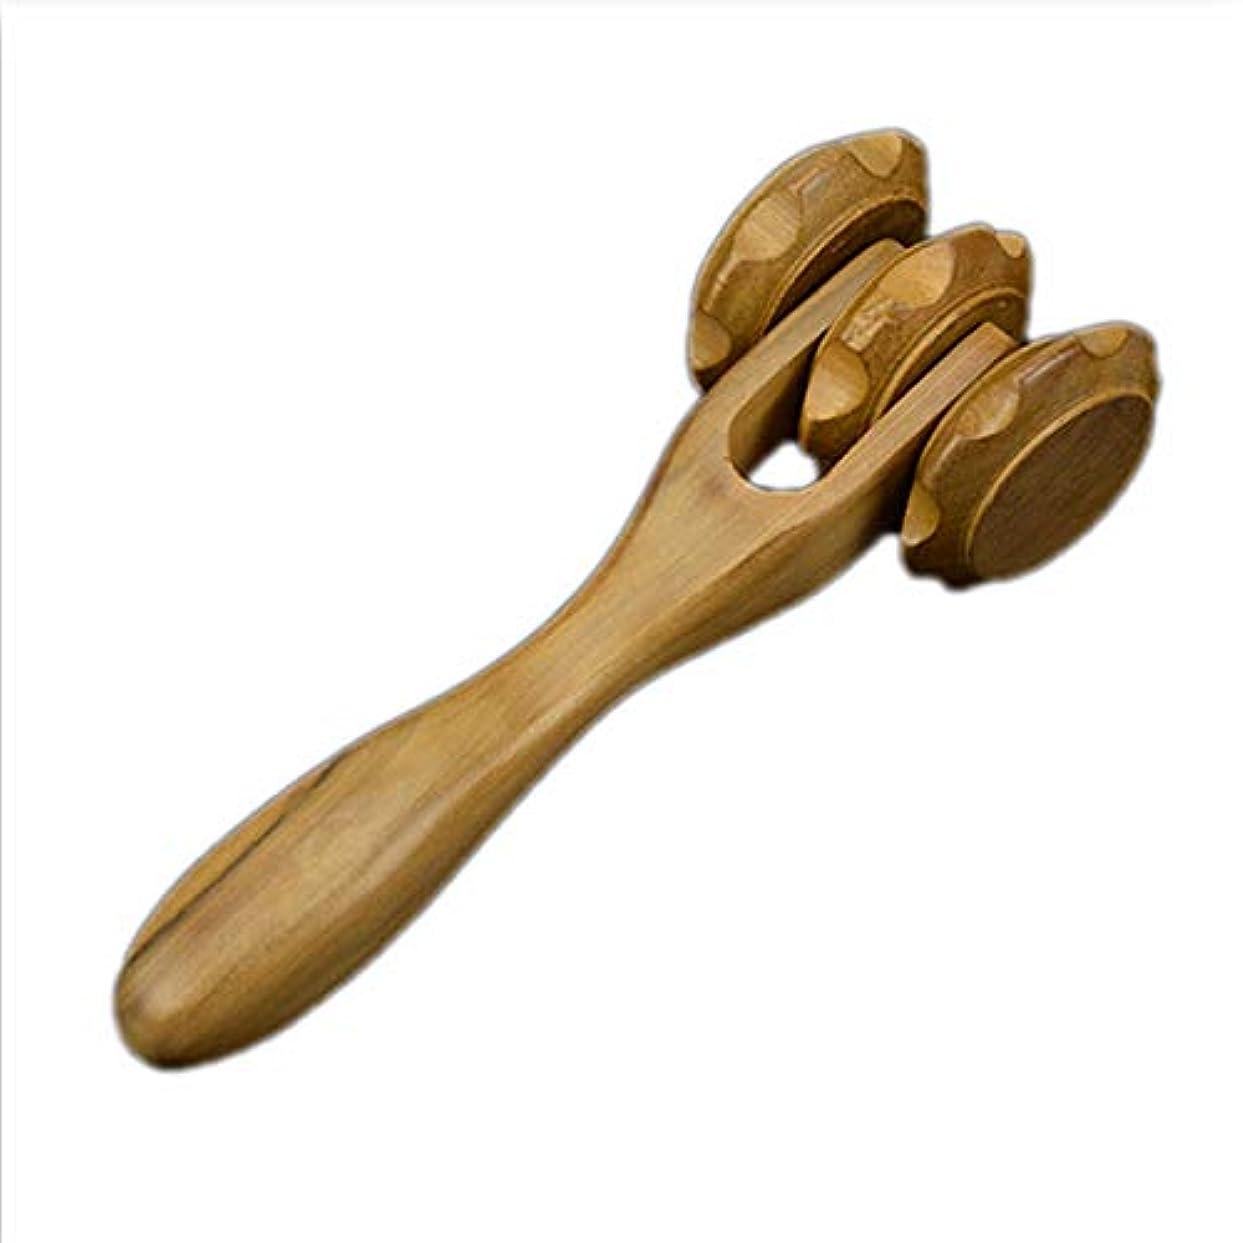 着るデクリメント倫理フェリモア マッサージローラー 木製 ツボ押し 3連ローラー 首 肩 腰 二の腕 美顔 筋肉 (ブラウン)